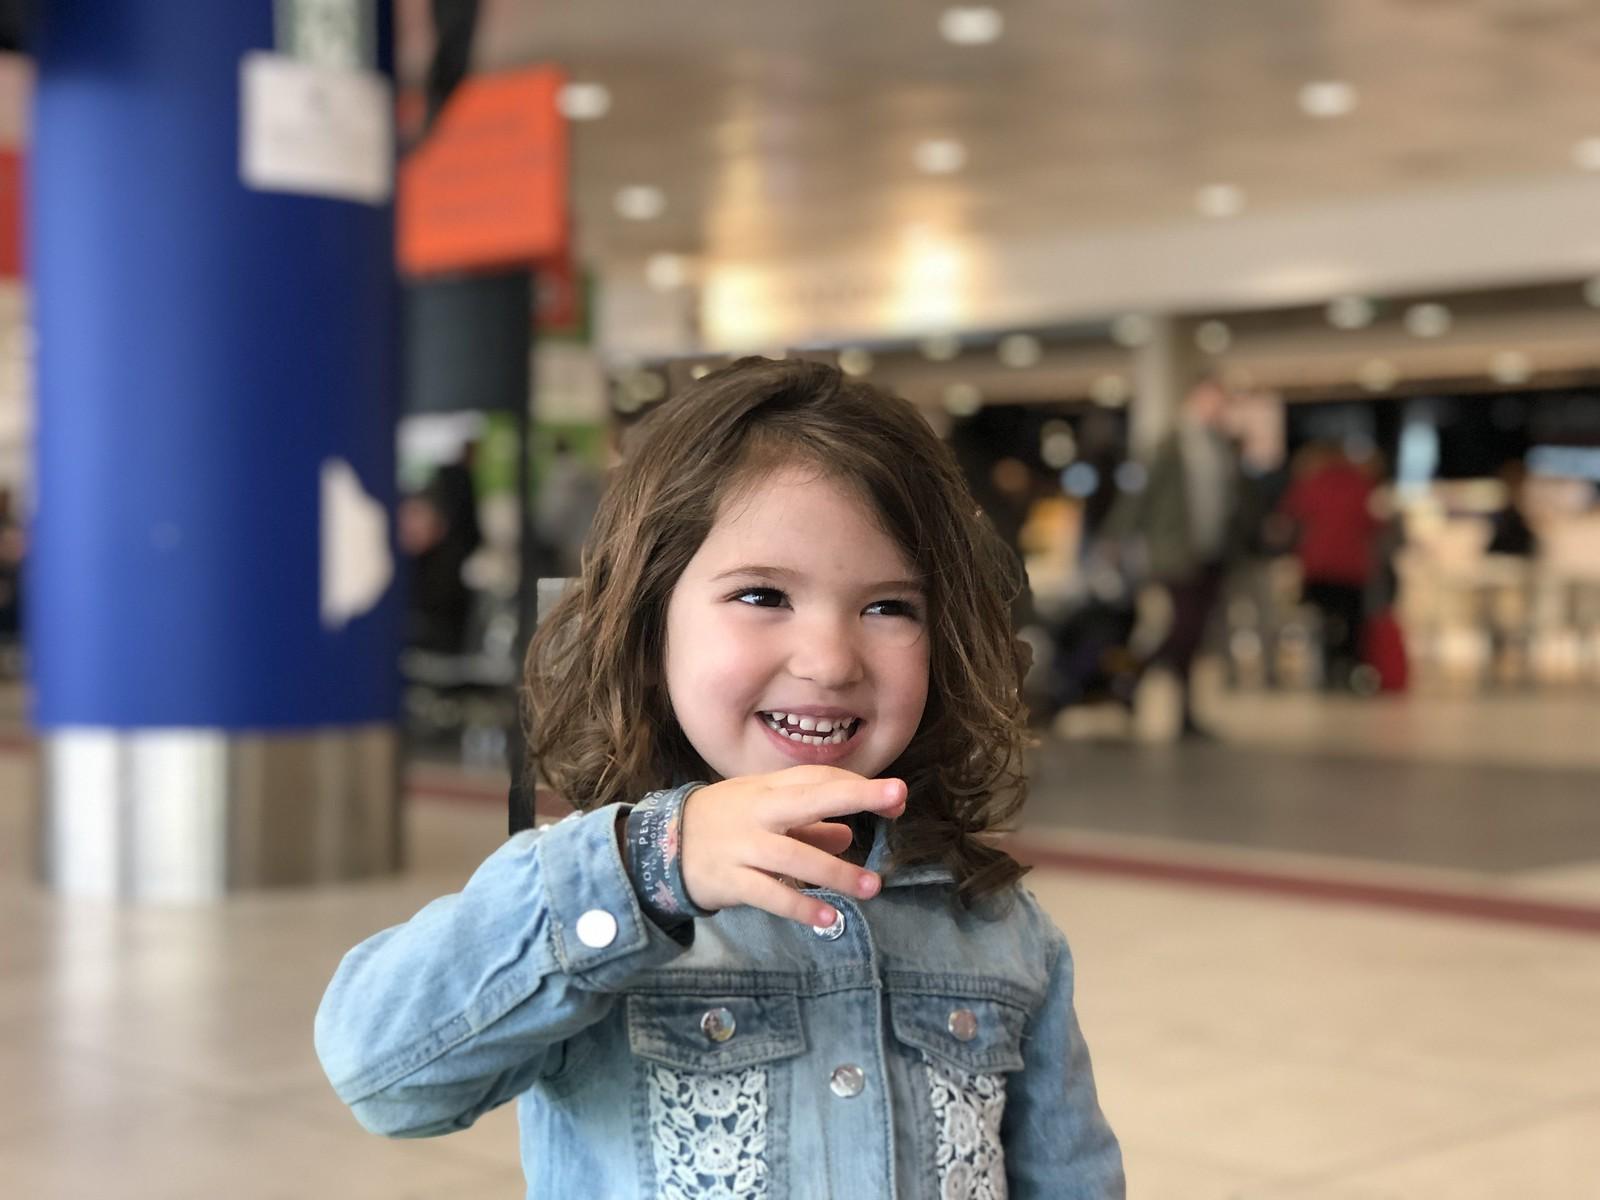 Con la pulsera geolocalizadora en el aeropuerto de Palermo